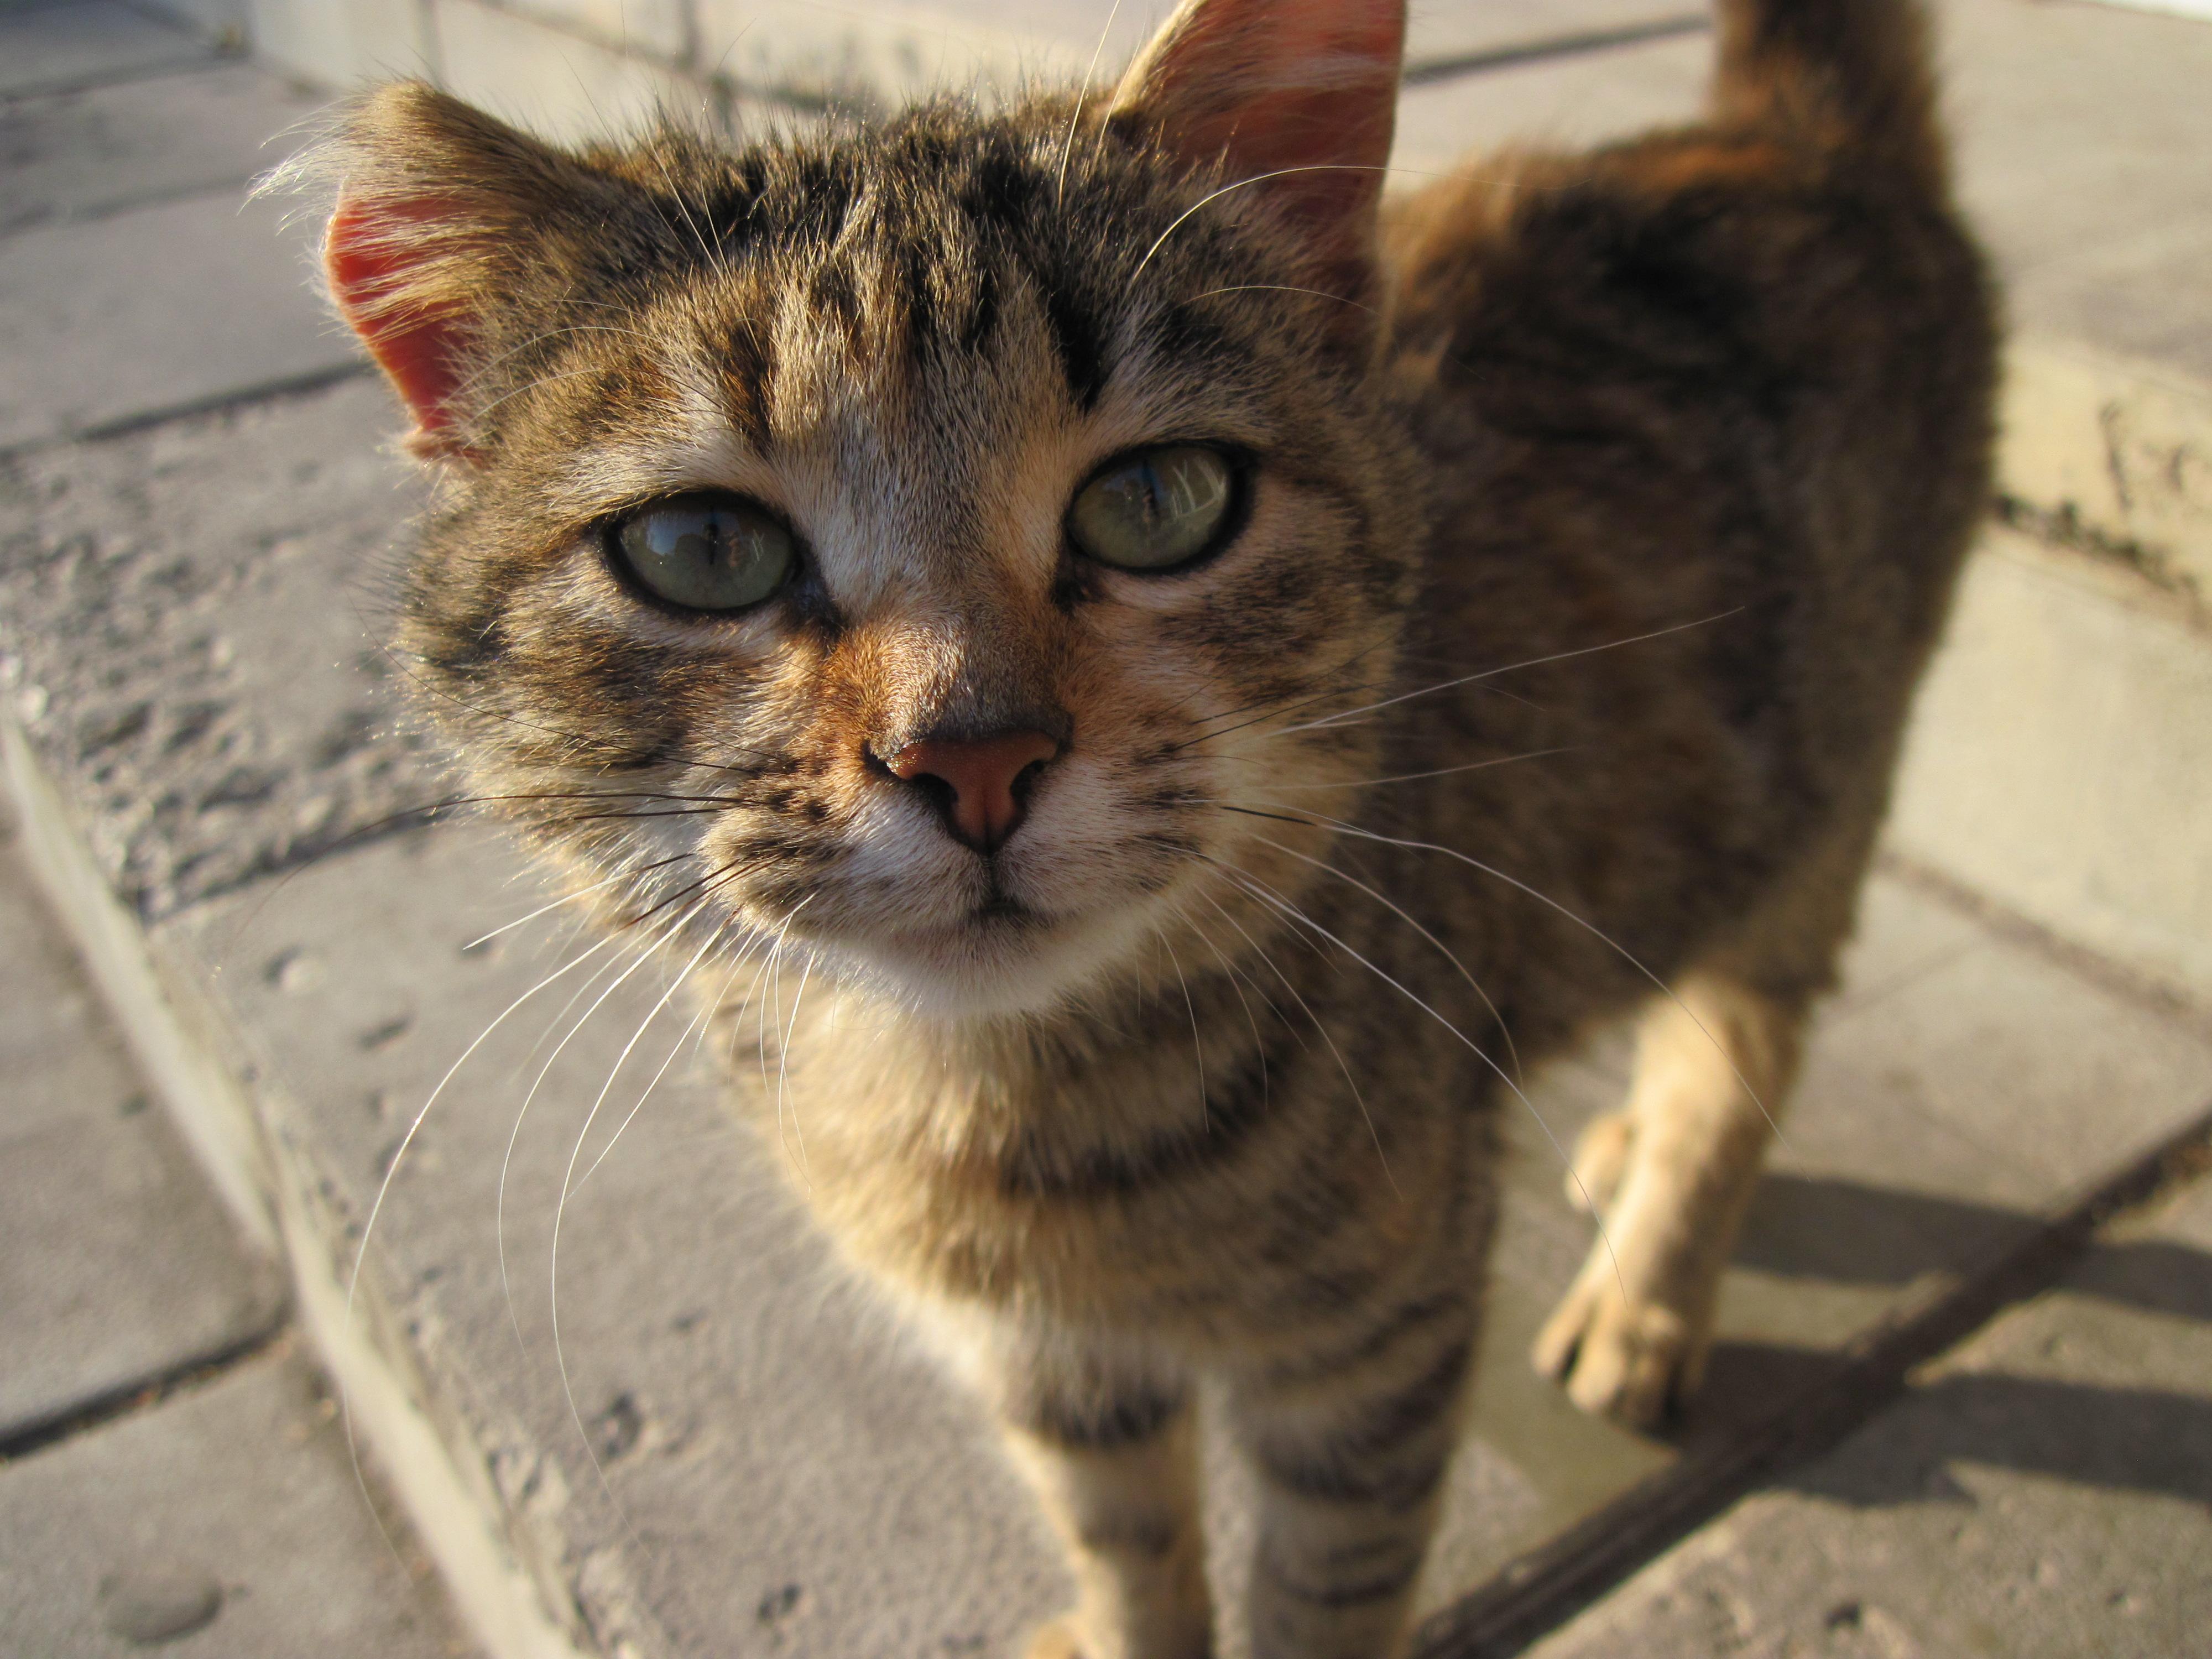 A curious cat, Animal, Cat, Close, Curious, HQ Photo